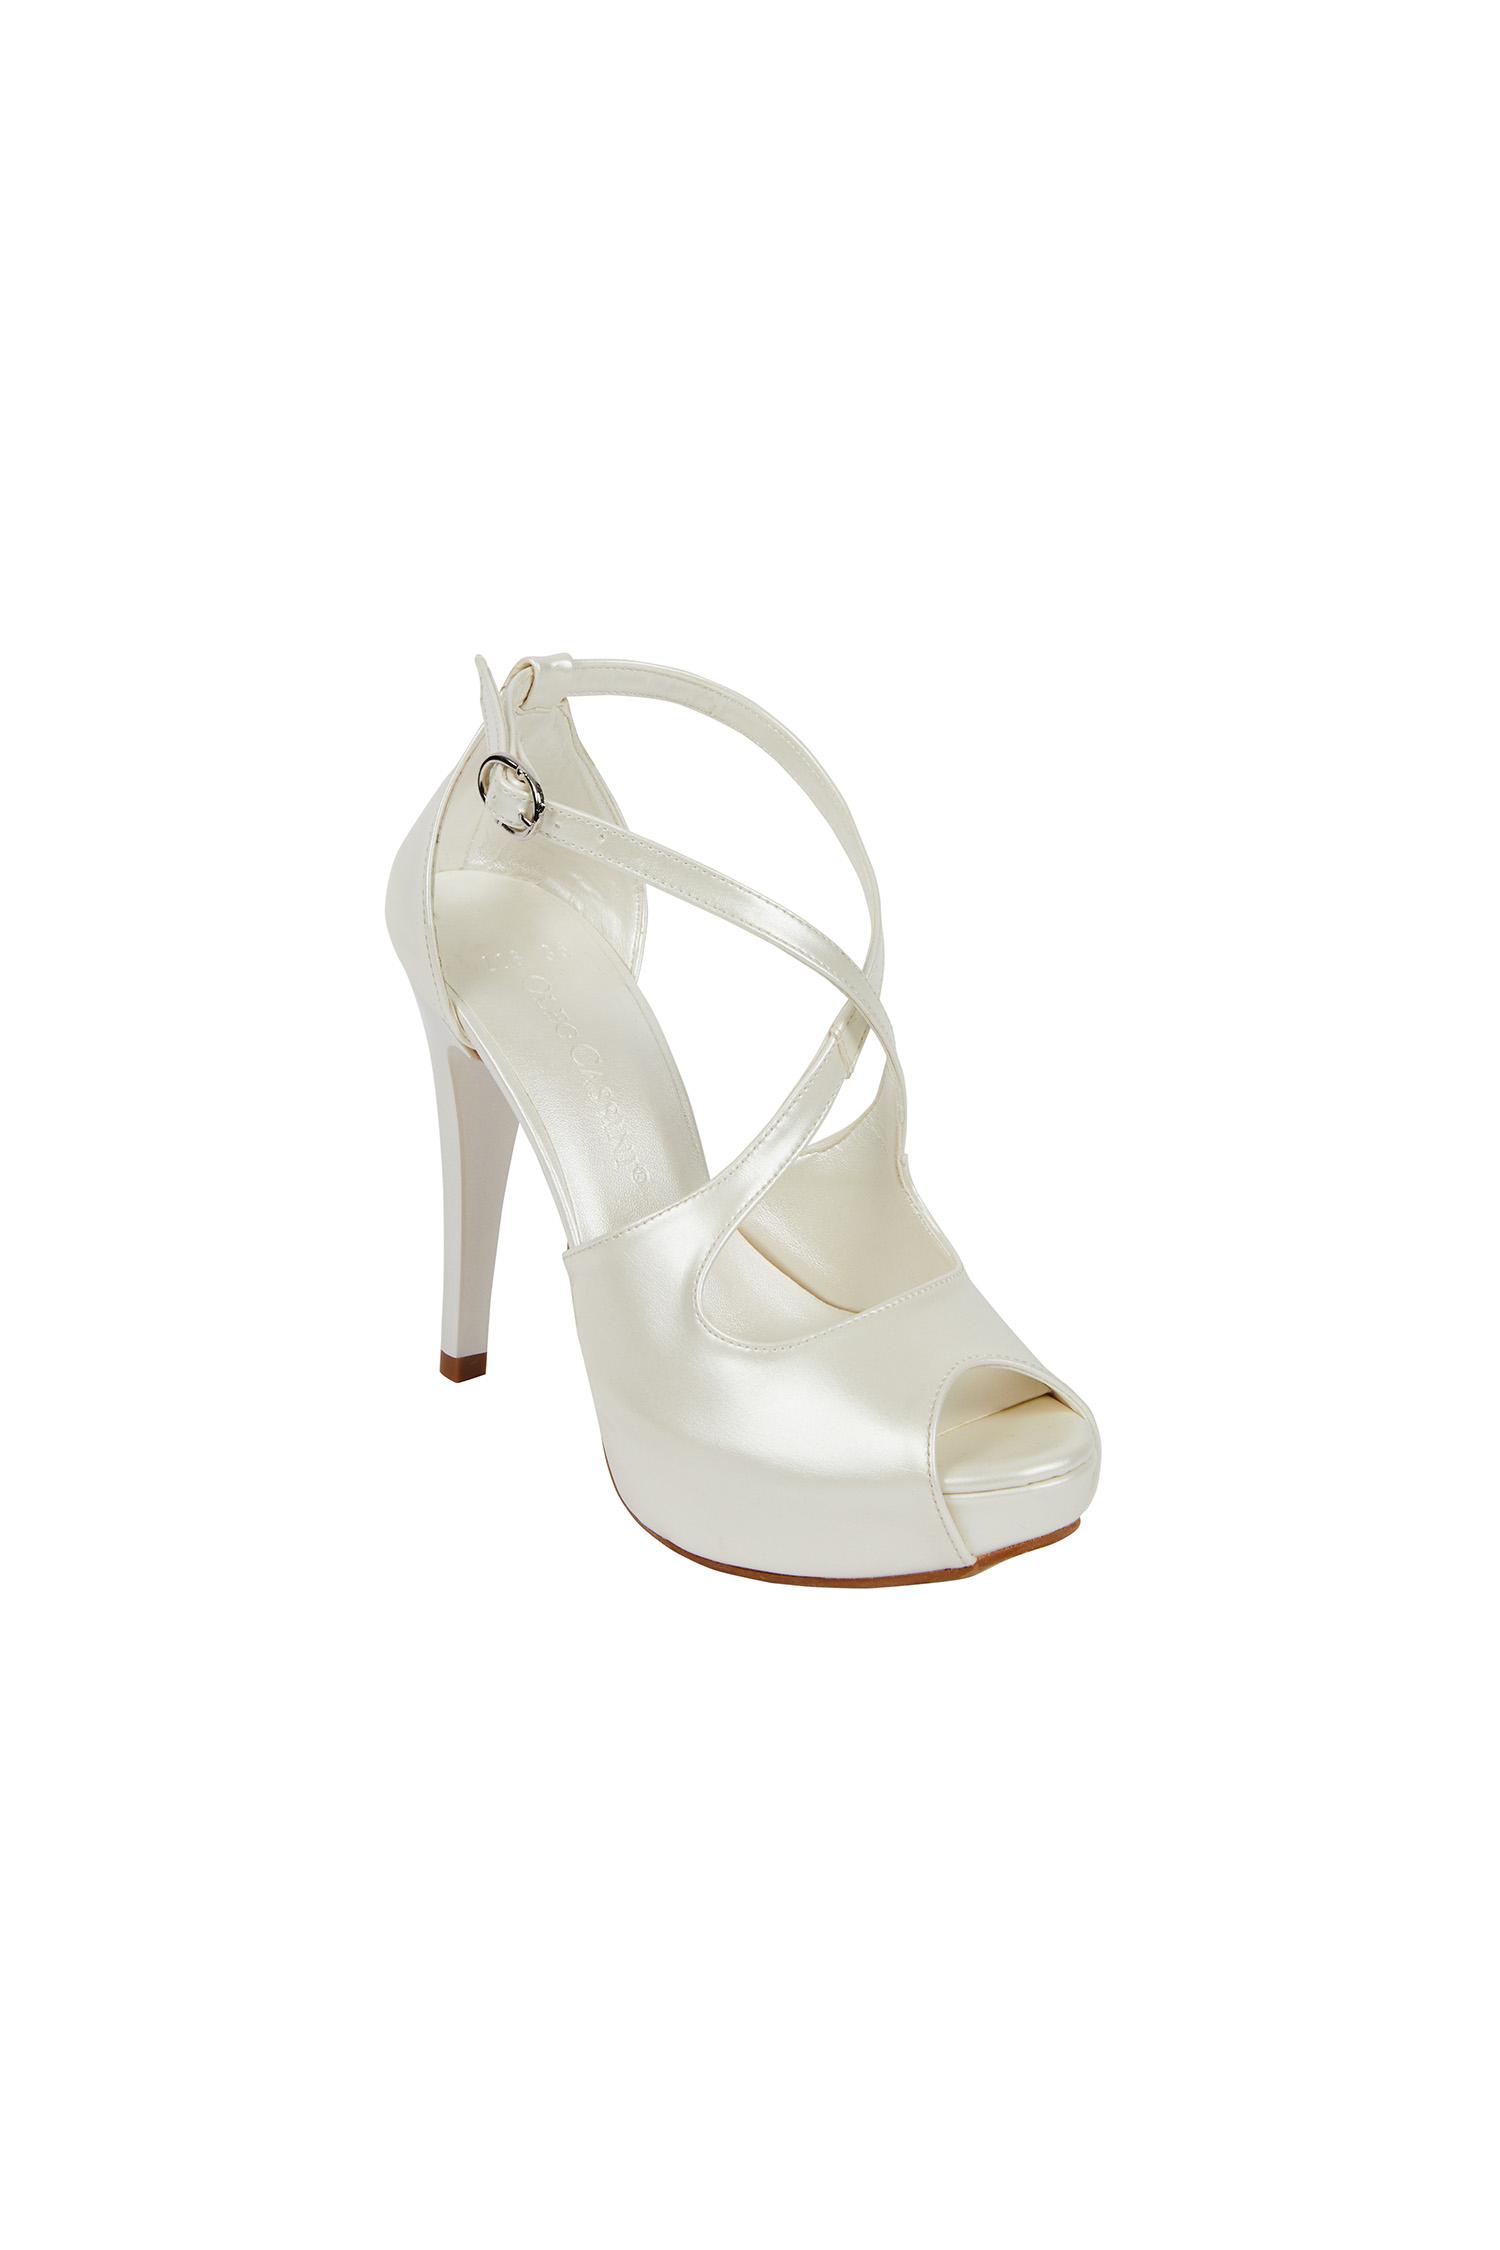 Kırık Beyaz Bantlı Yüksek Topuklu Gelin Ayakkabısı